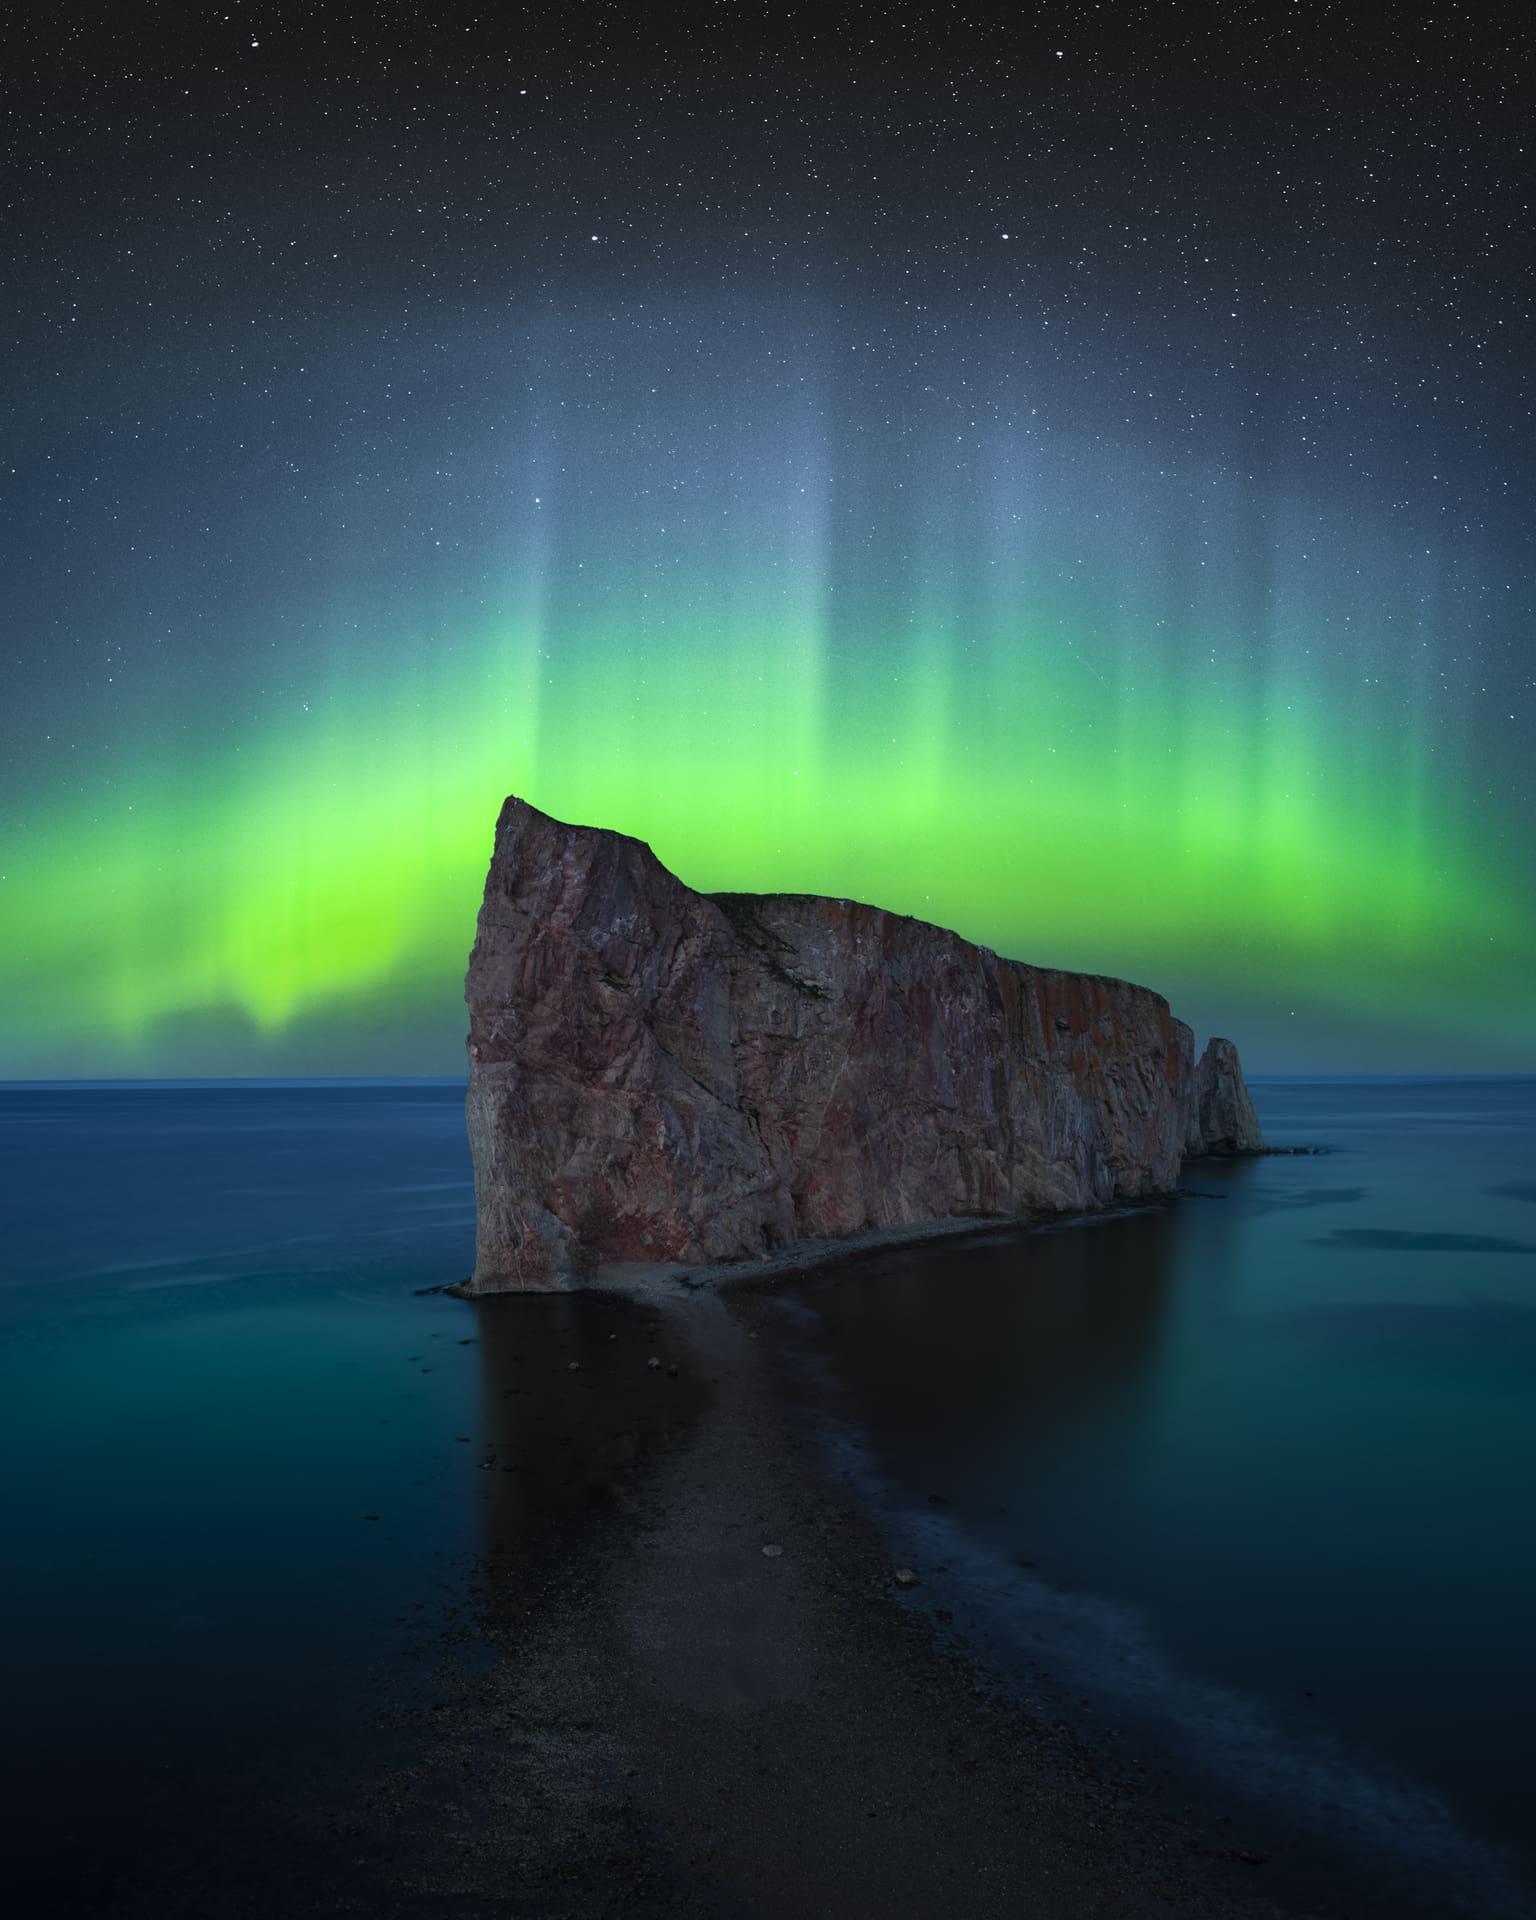 Best Aurora Borealis images